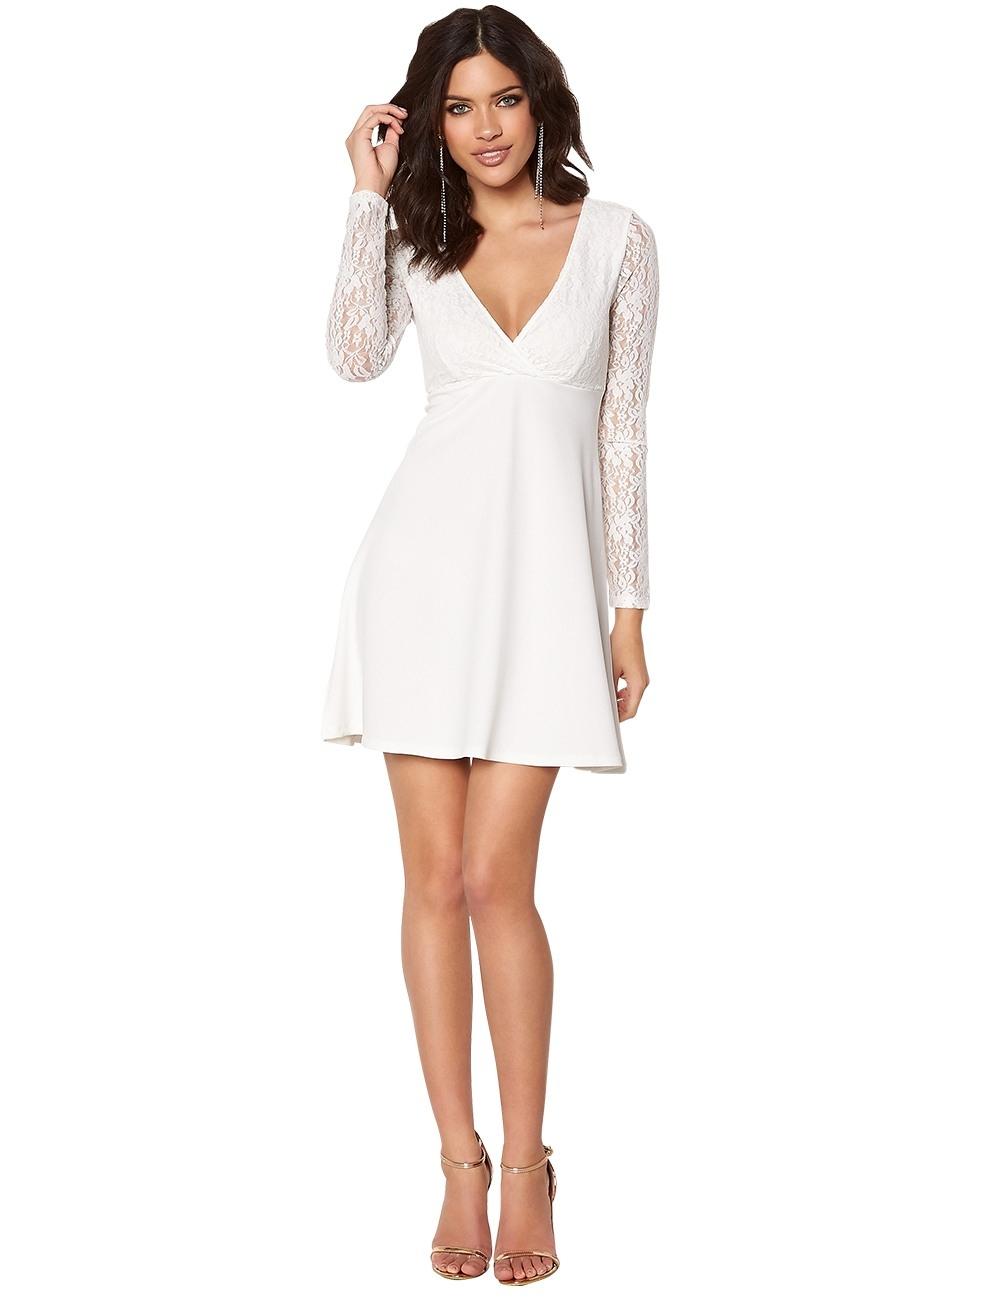 Perfekt Kleid Weiß Spitze Bester PreisAbend Perfekt Kleid Weiß Spitze Spezialgebiet